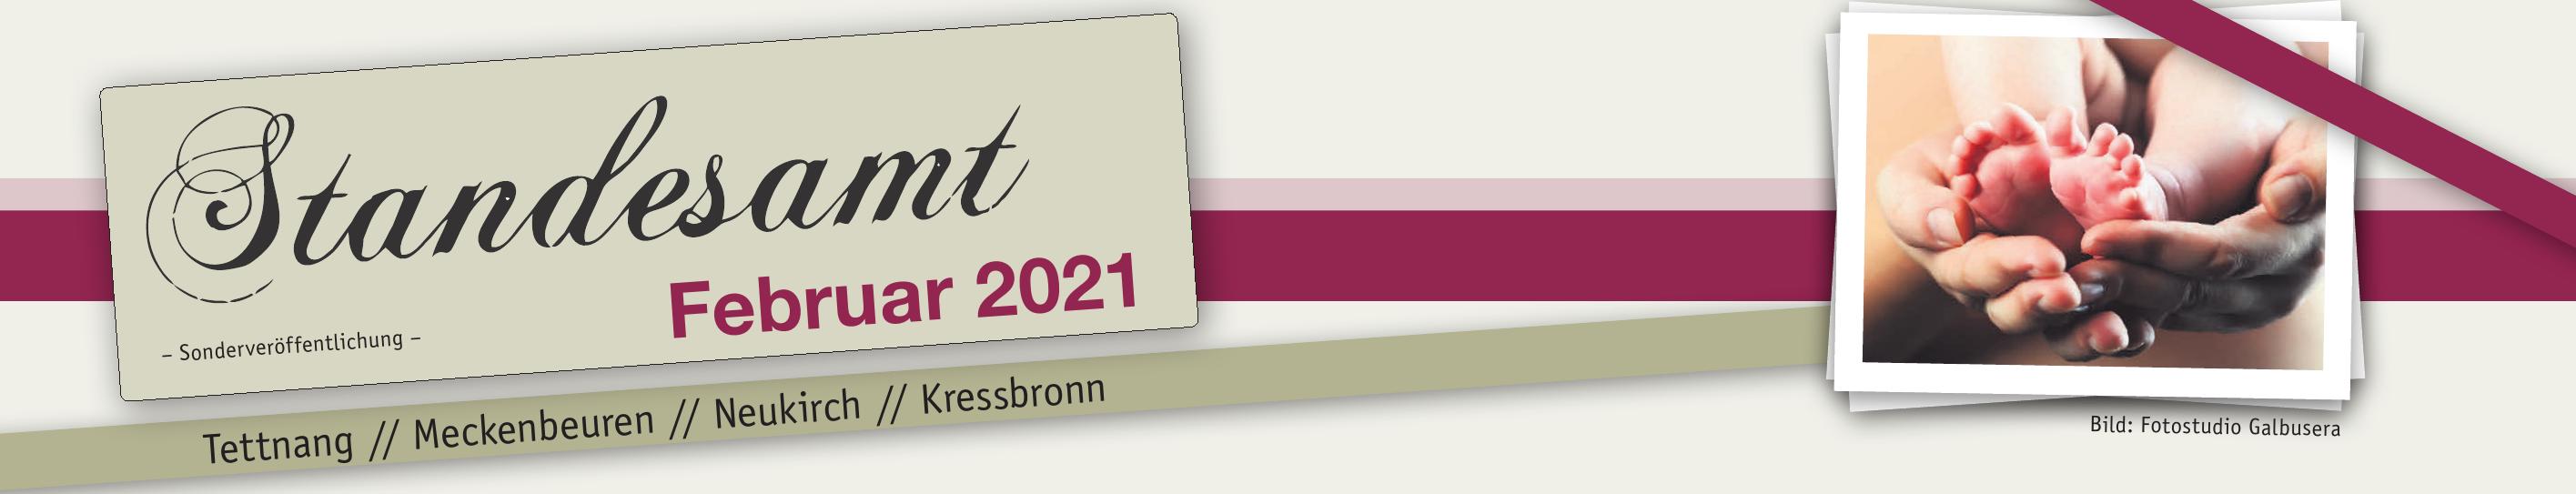 Standesamt März 2021 Image 1